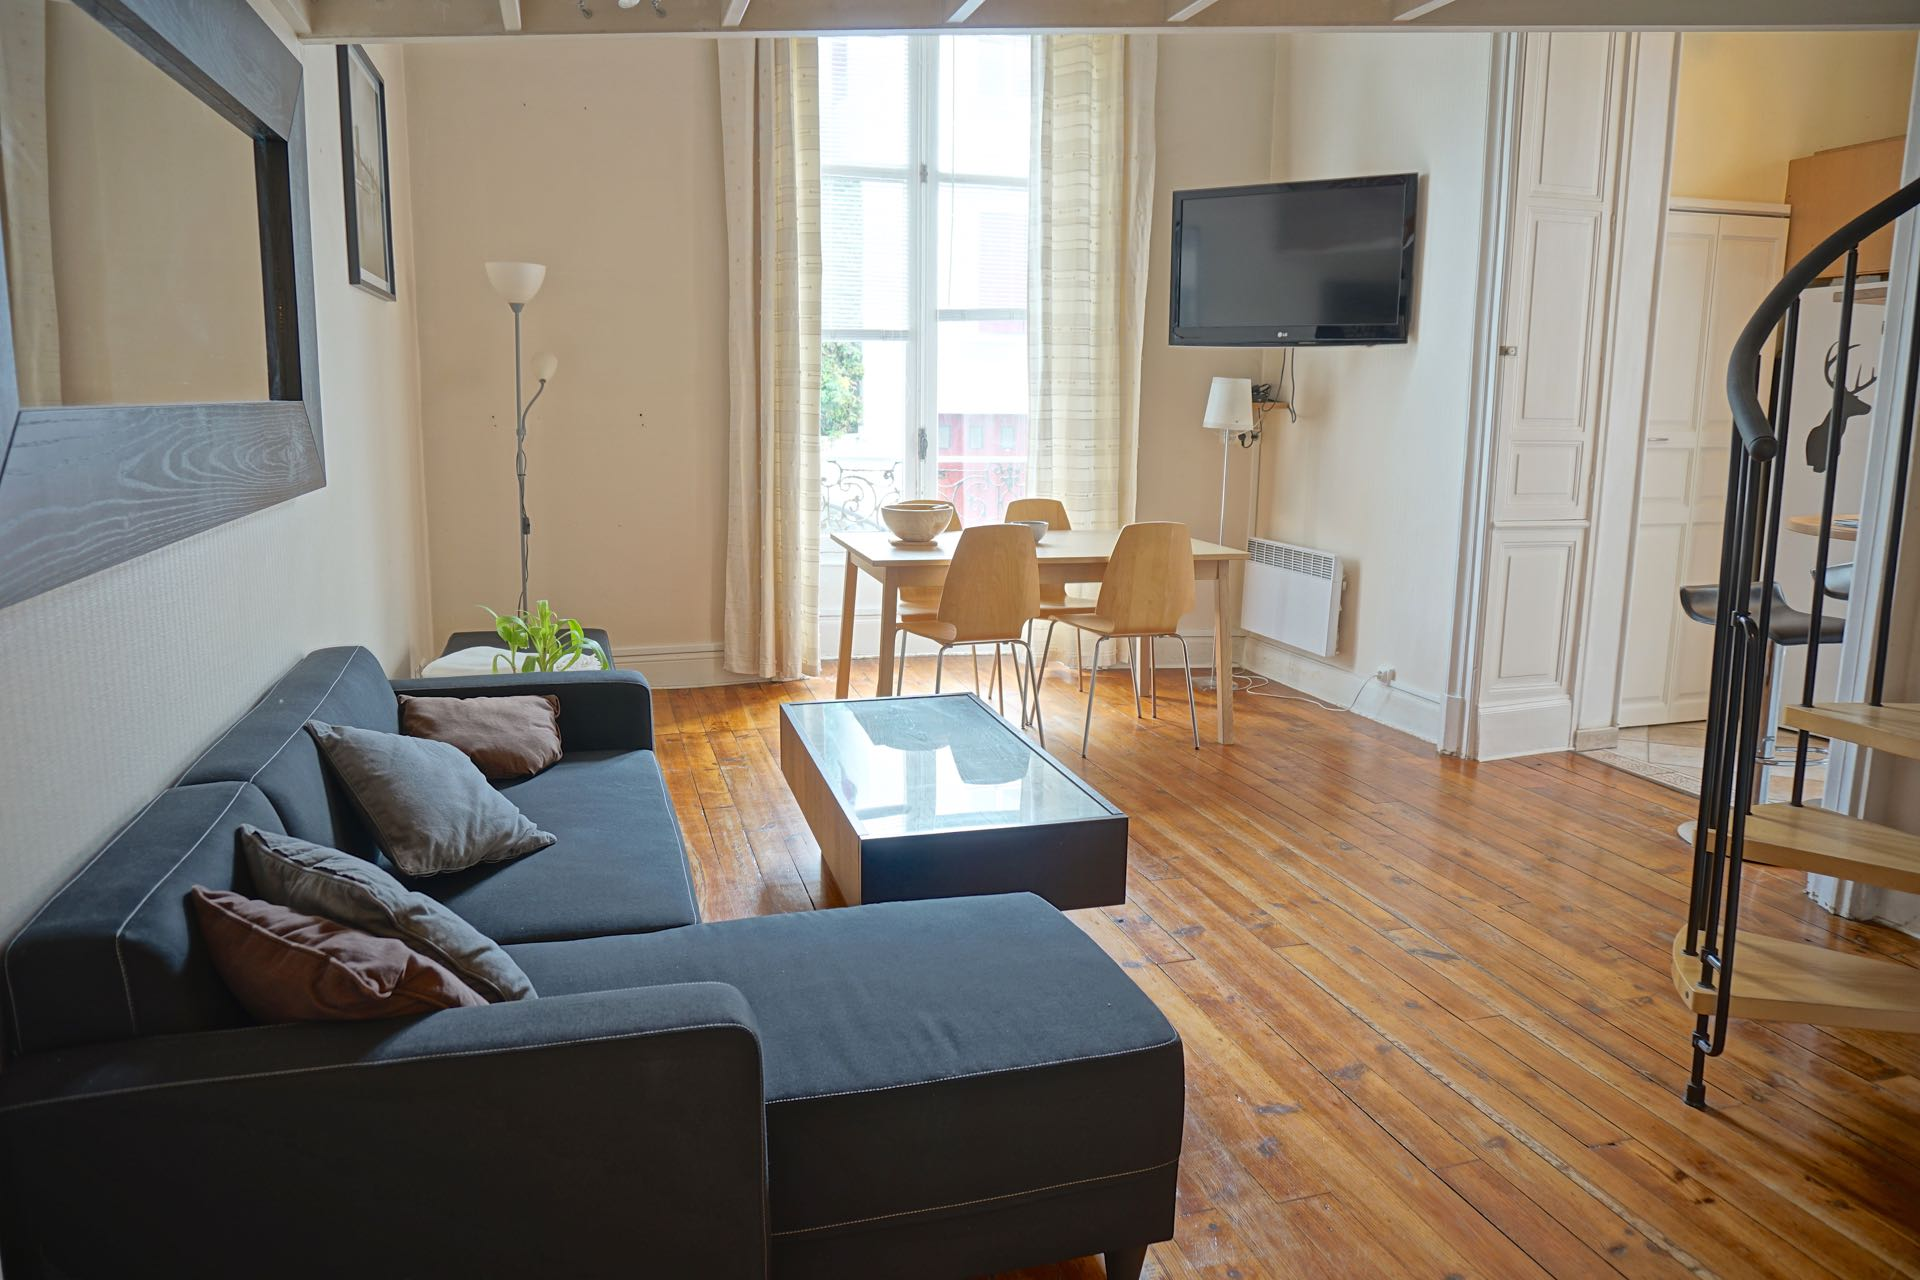 Logement vacances biarritz location avec cuisine quip e for Abritel biarritz studio